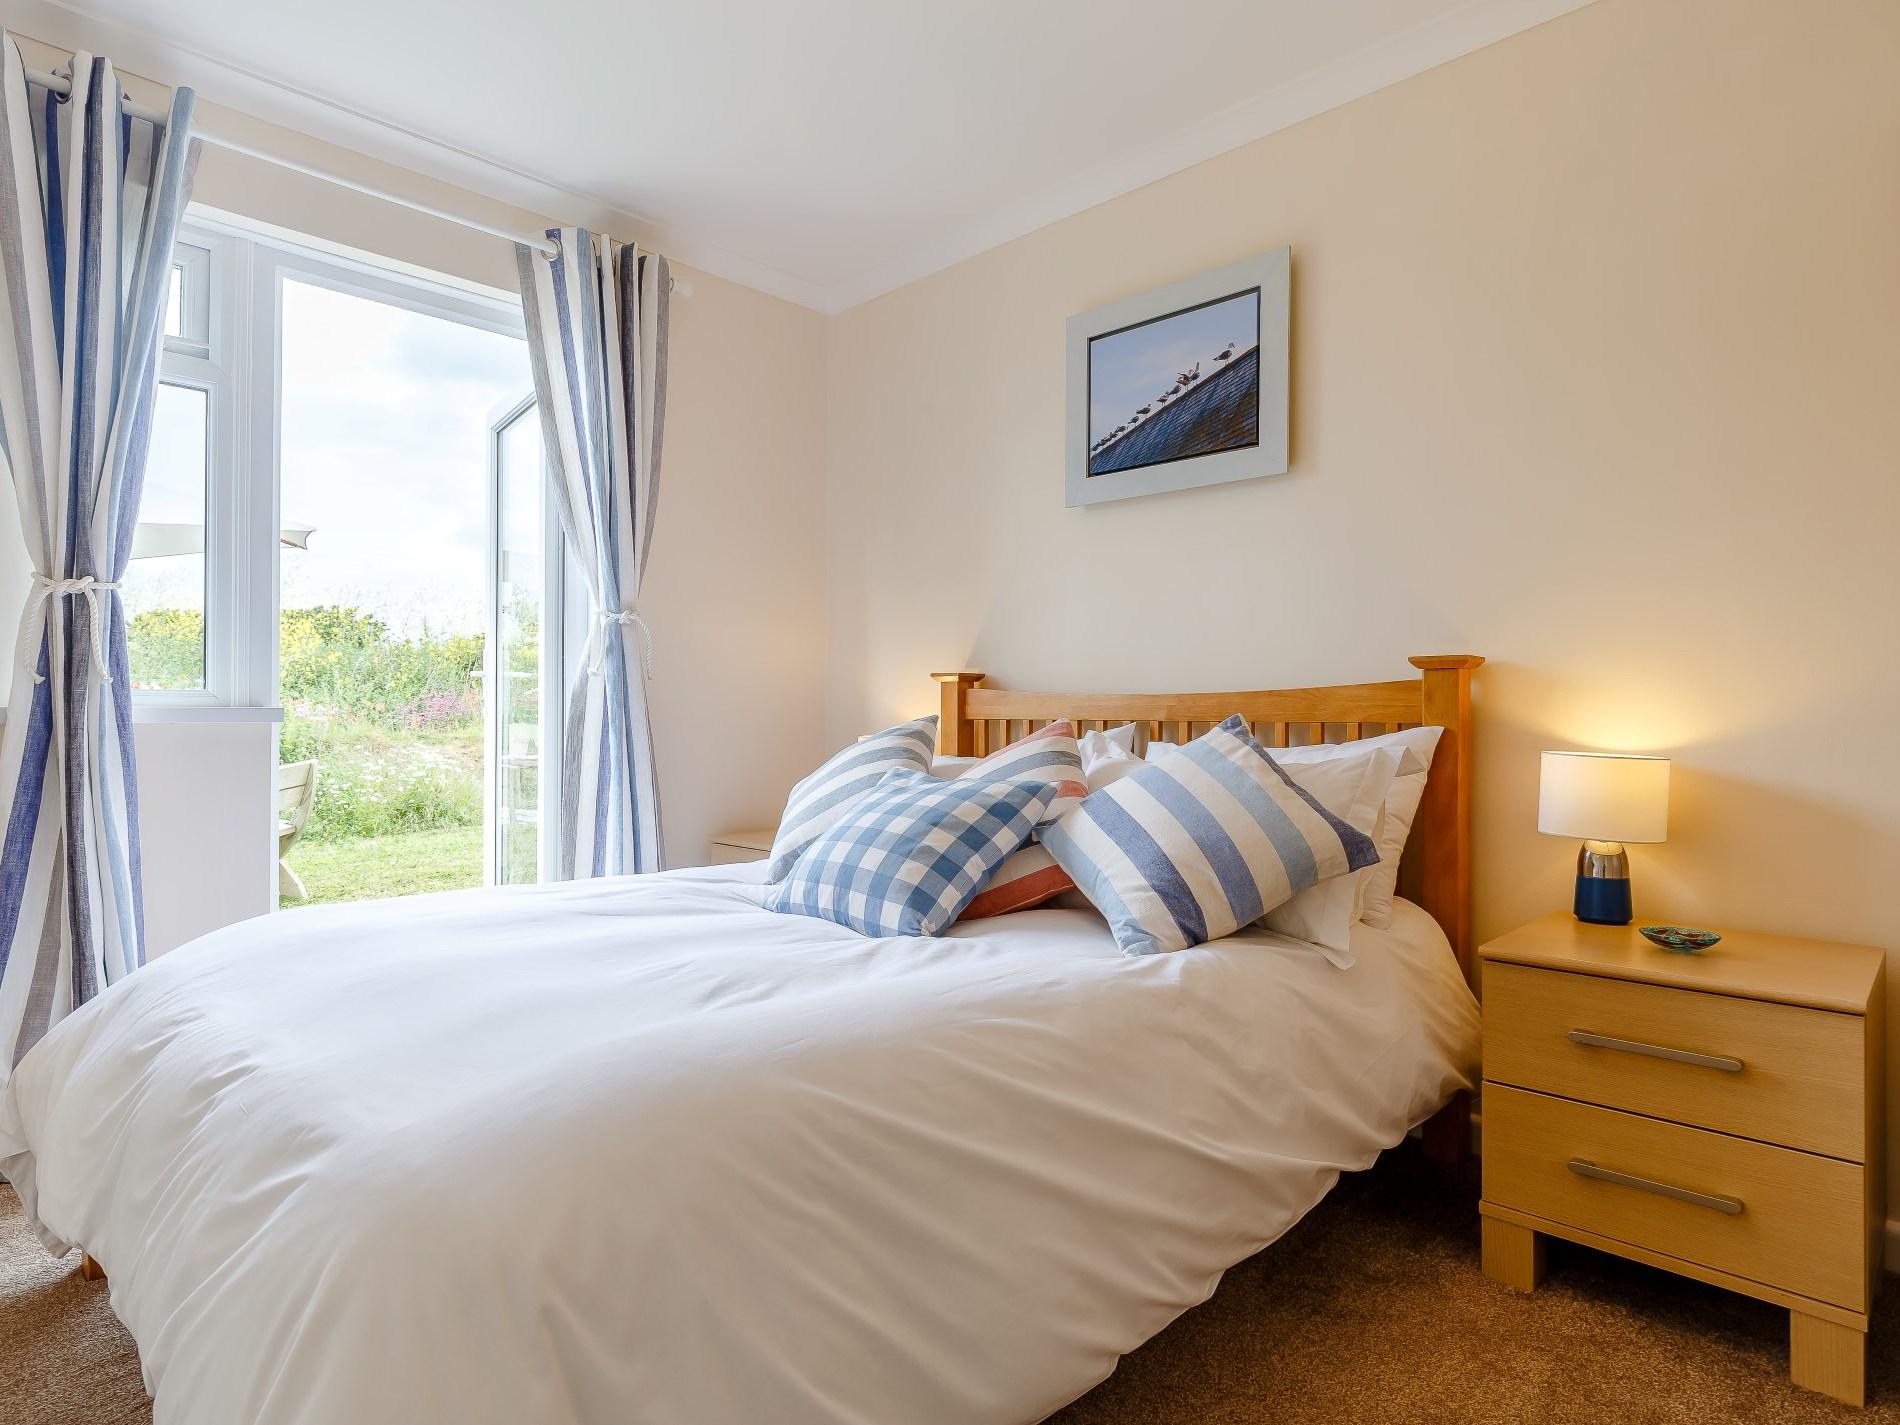 2 Bedroom Cottage in Helston, Cornwall